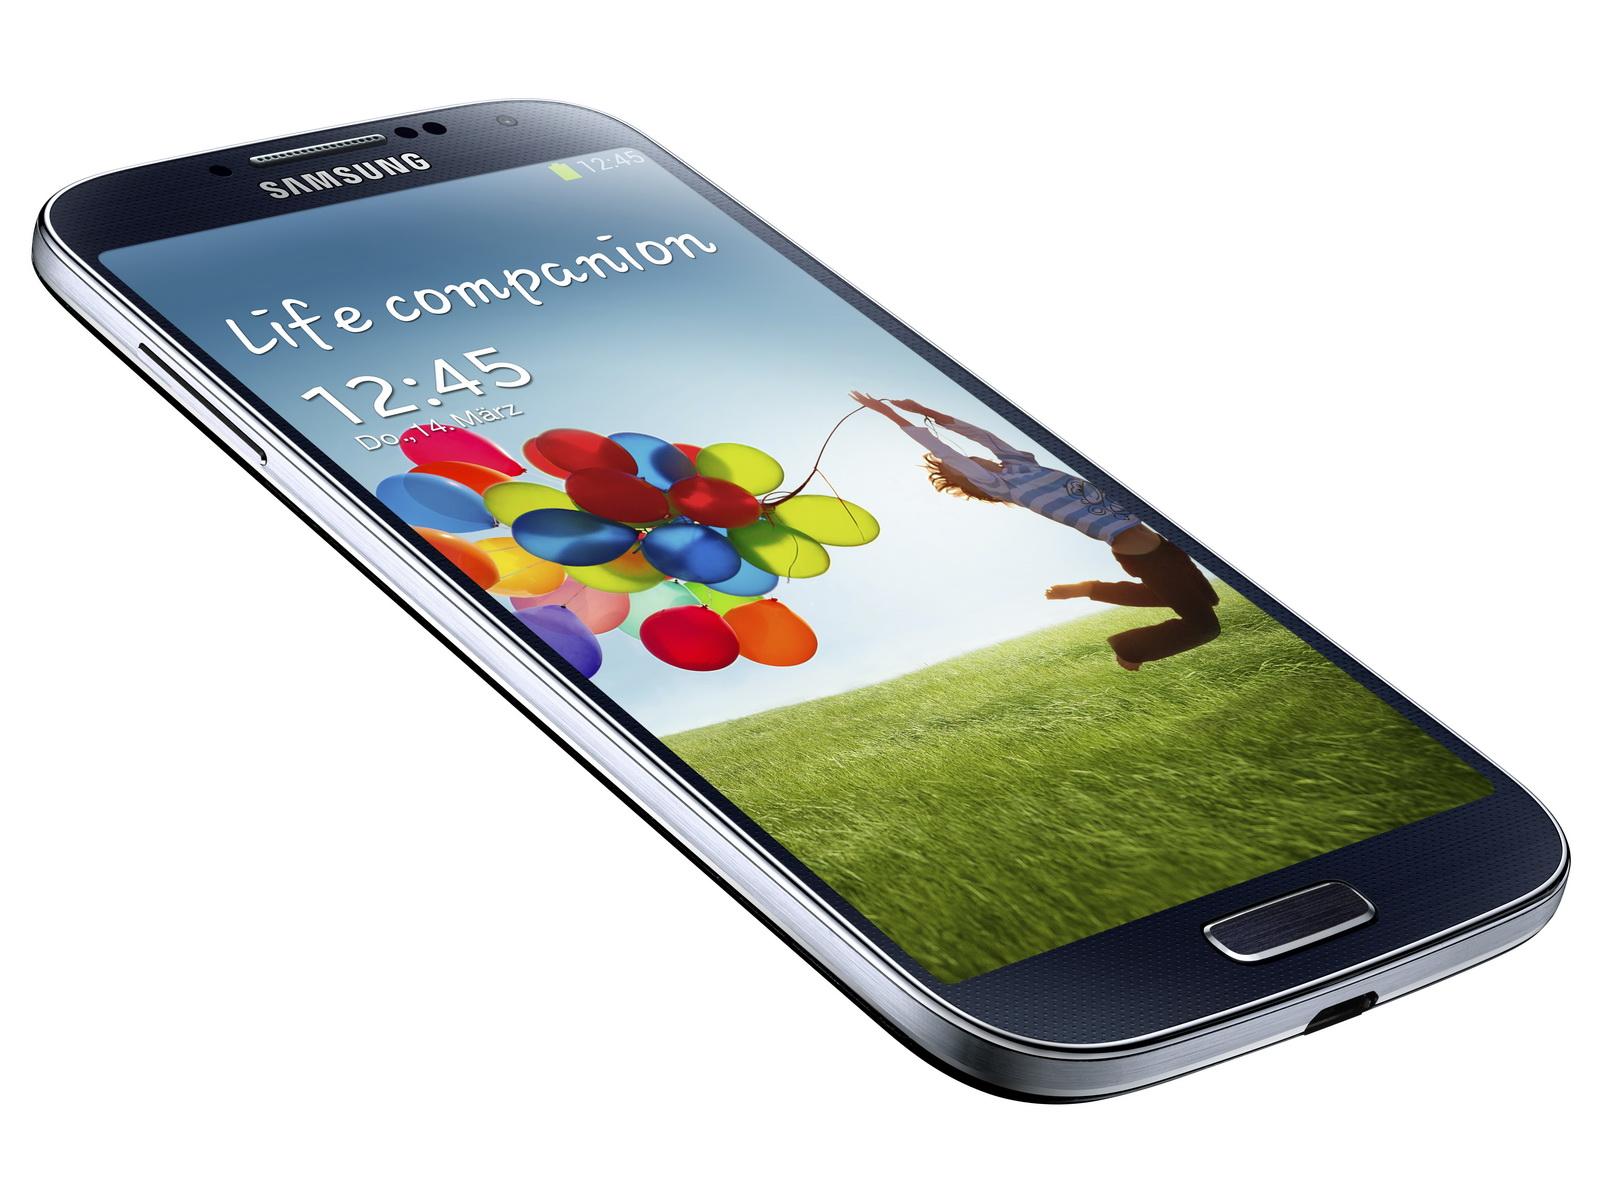 Smartphones O2 Startet Mit Verkauf Des Samsung Galaxy S4